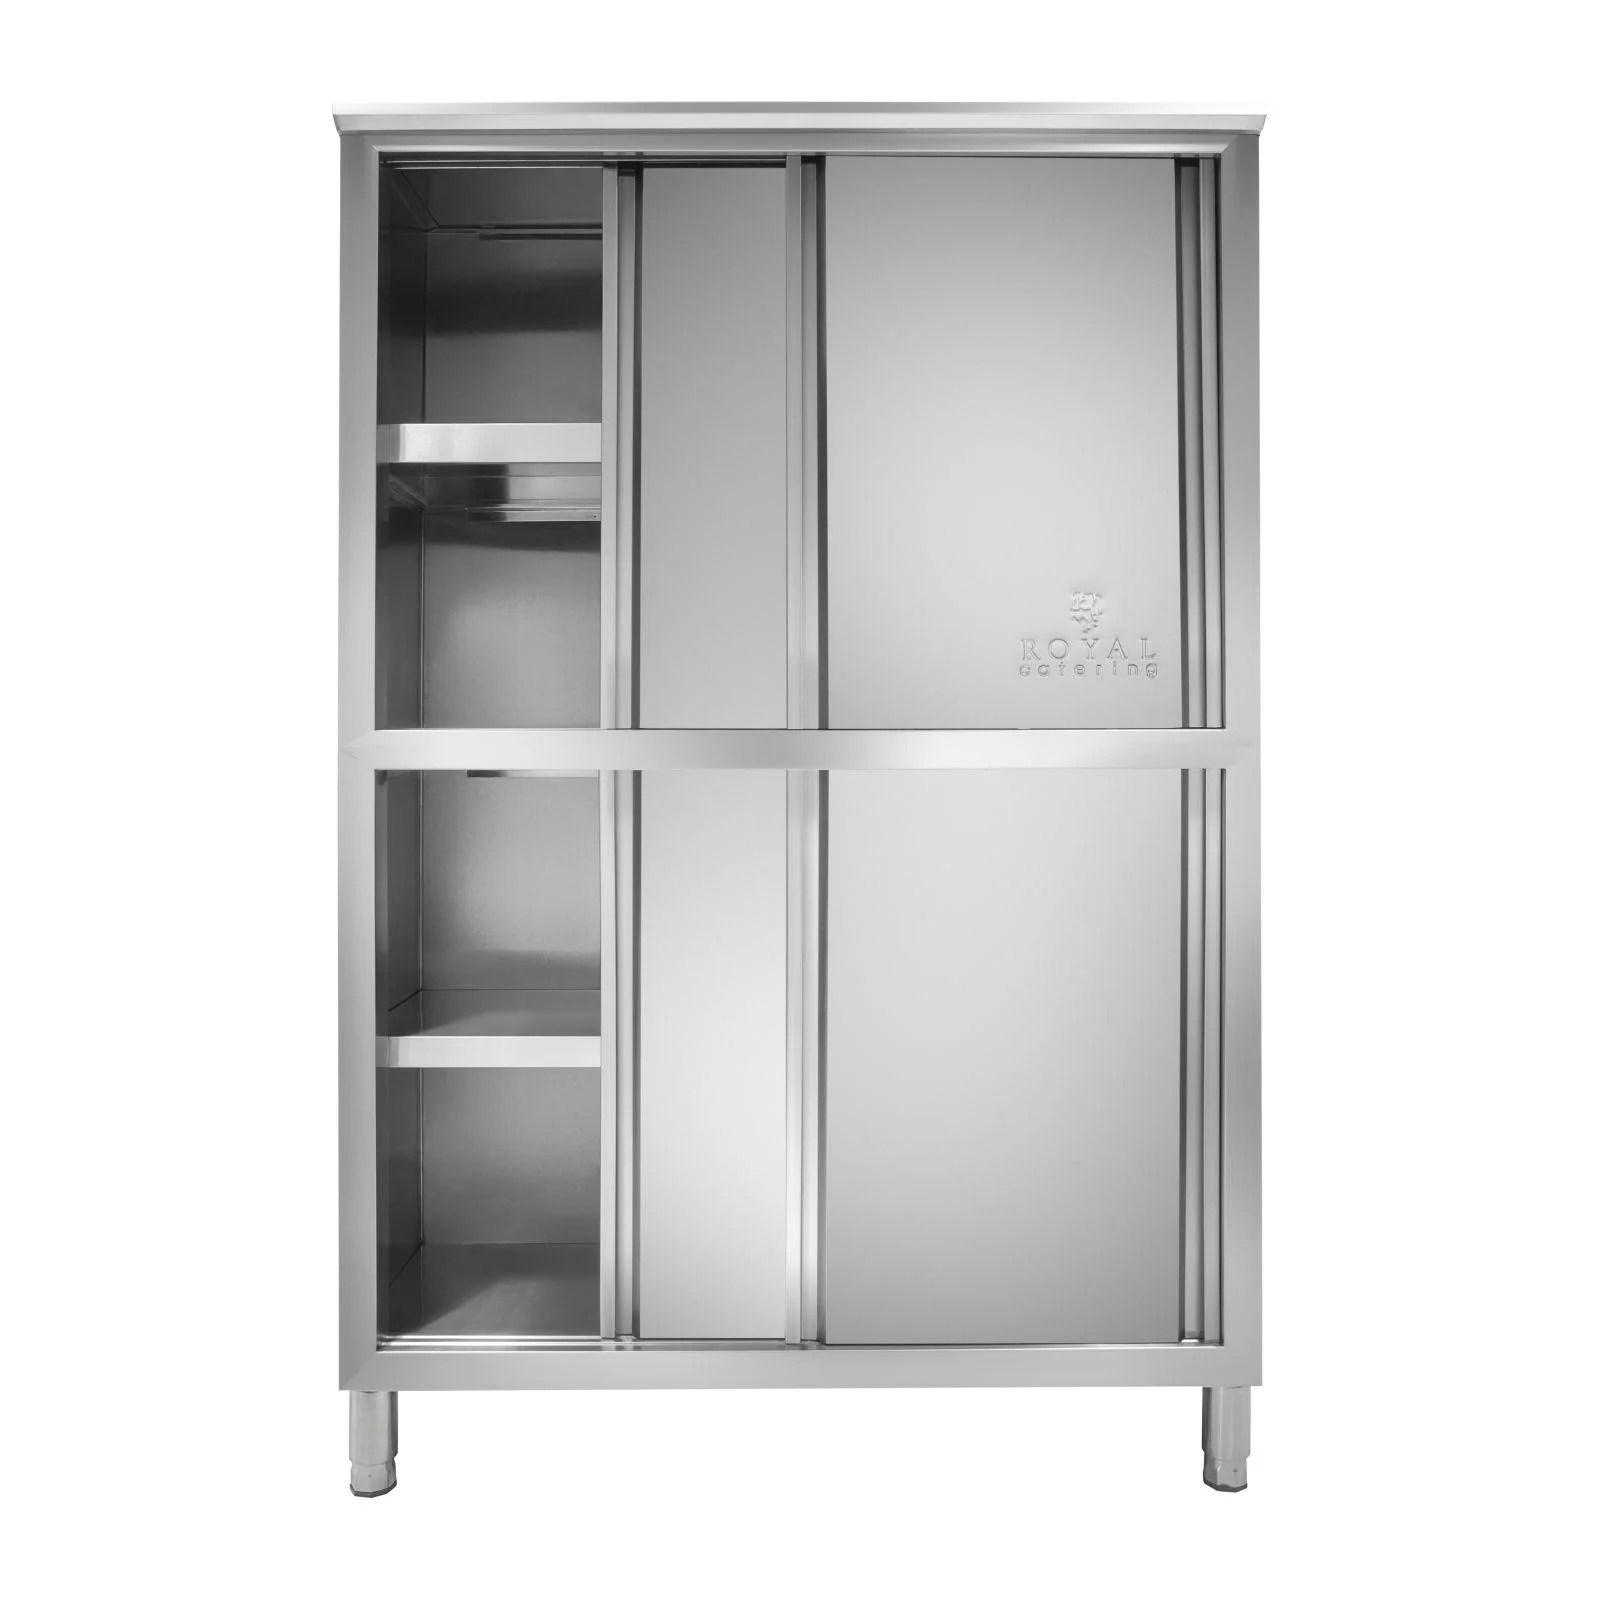 armoire cuisine professionnelle inox 4 etages 50 x 118 x 180 cm